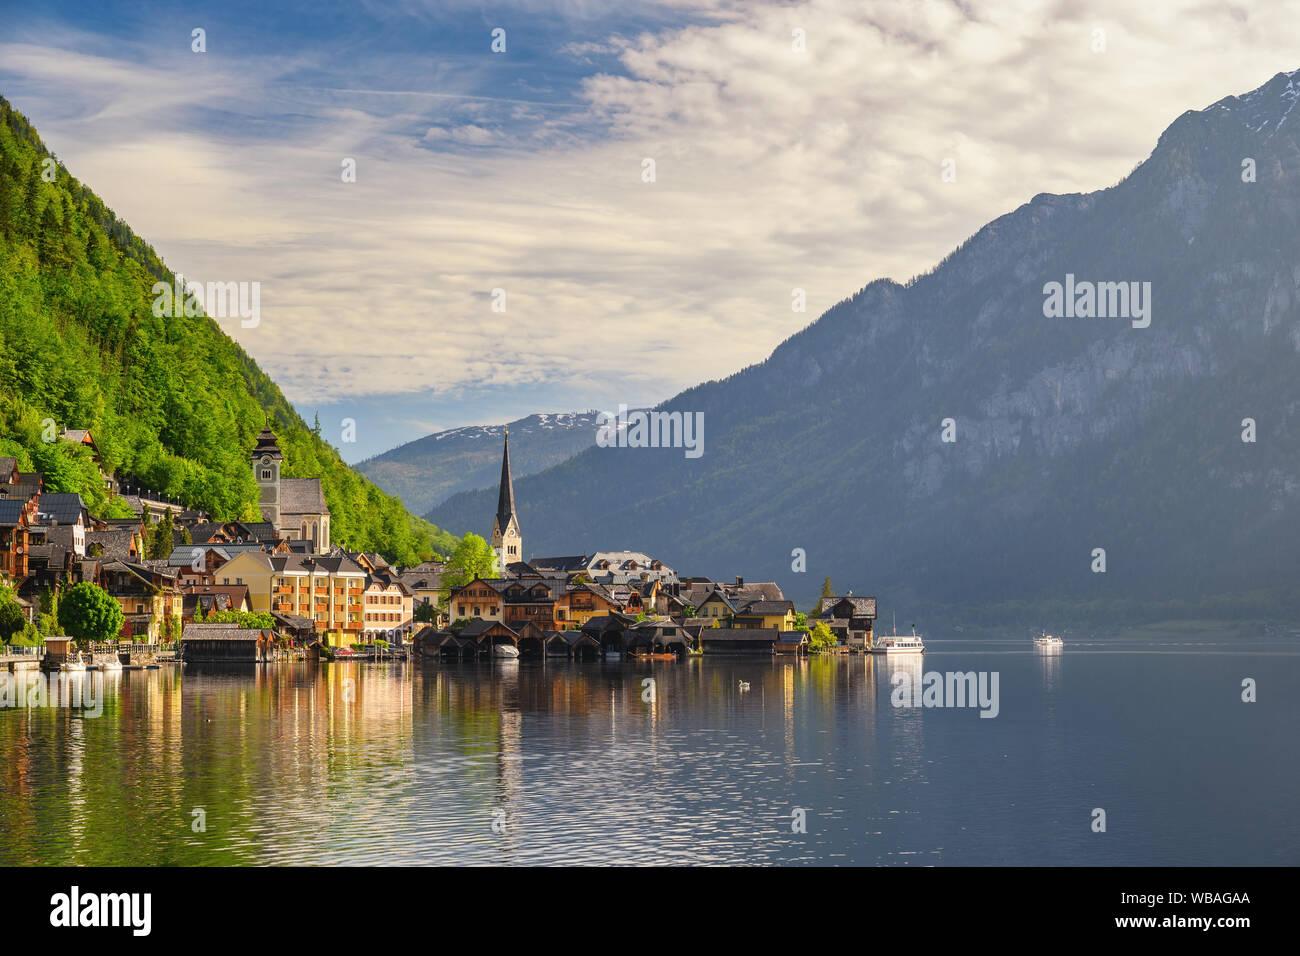 Hallstatt Austria, natura paesaggio di Hallstatt village con il lago e montagna Foto Stock